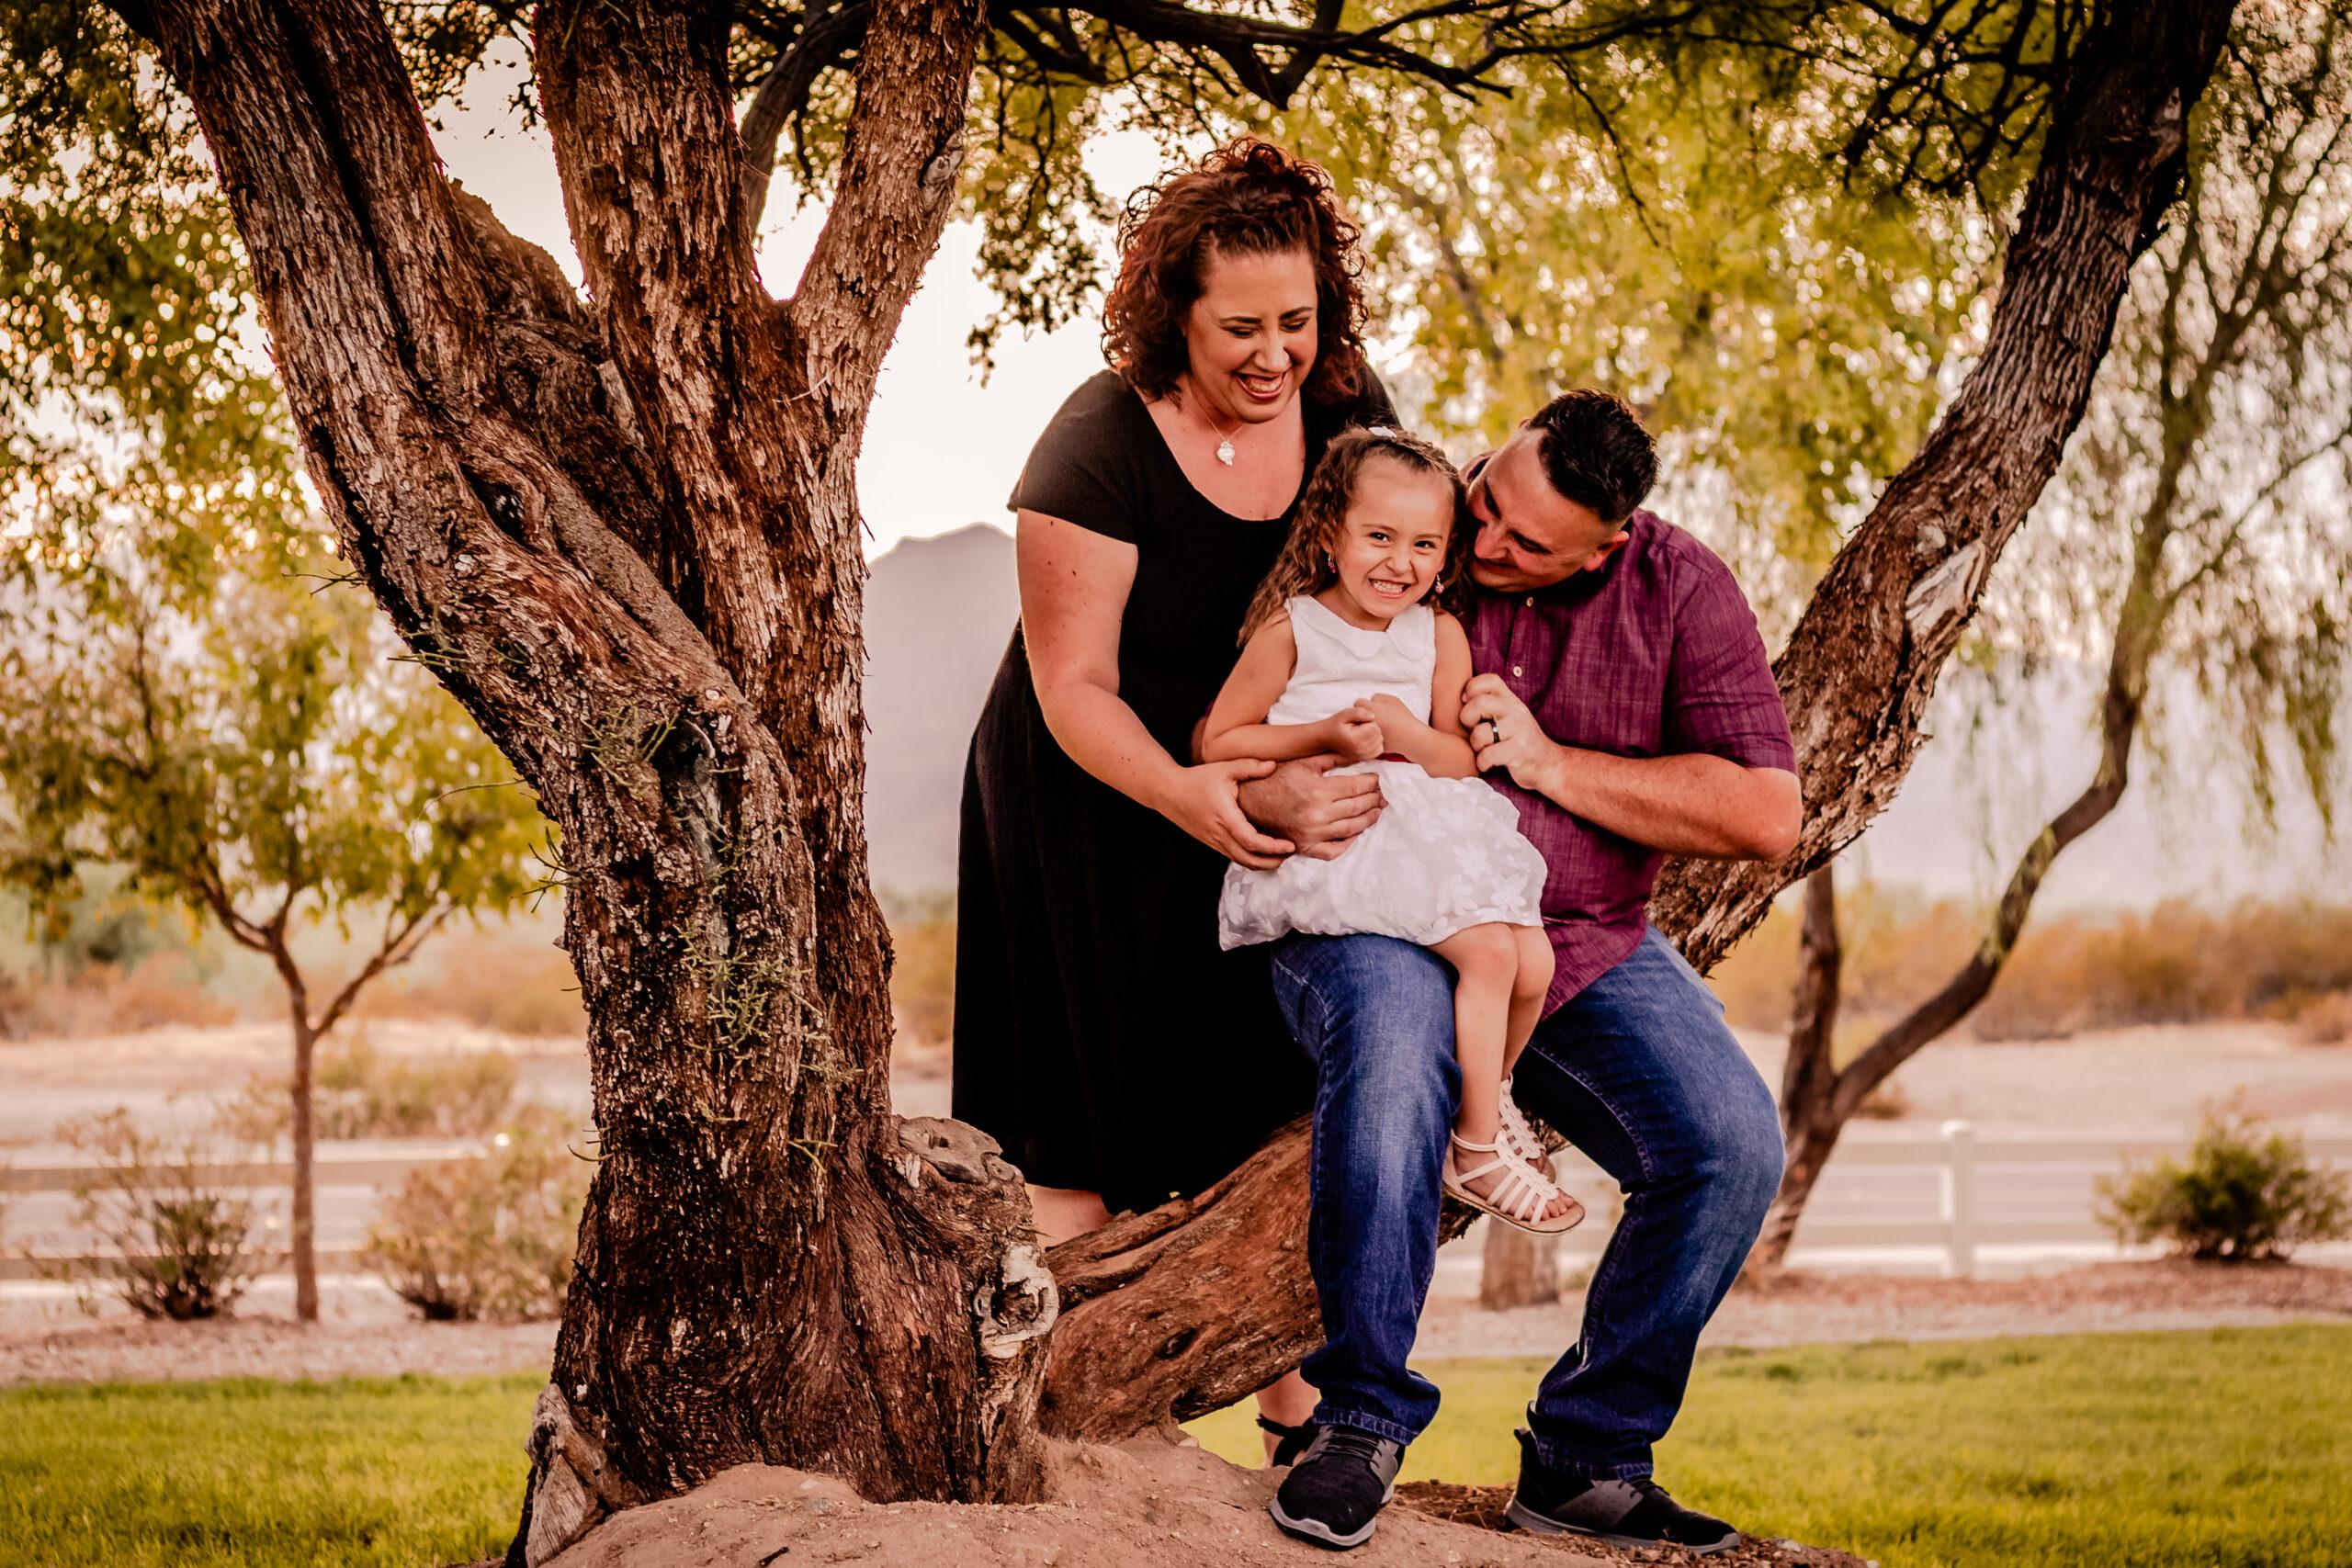 family photography, tucson, surprise az, arizona, arizona photographer, candace weir, west valley photographer, phoenix